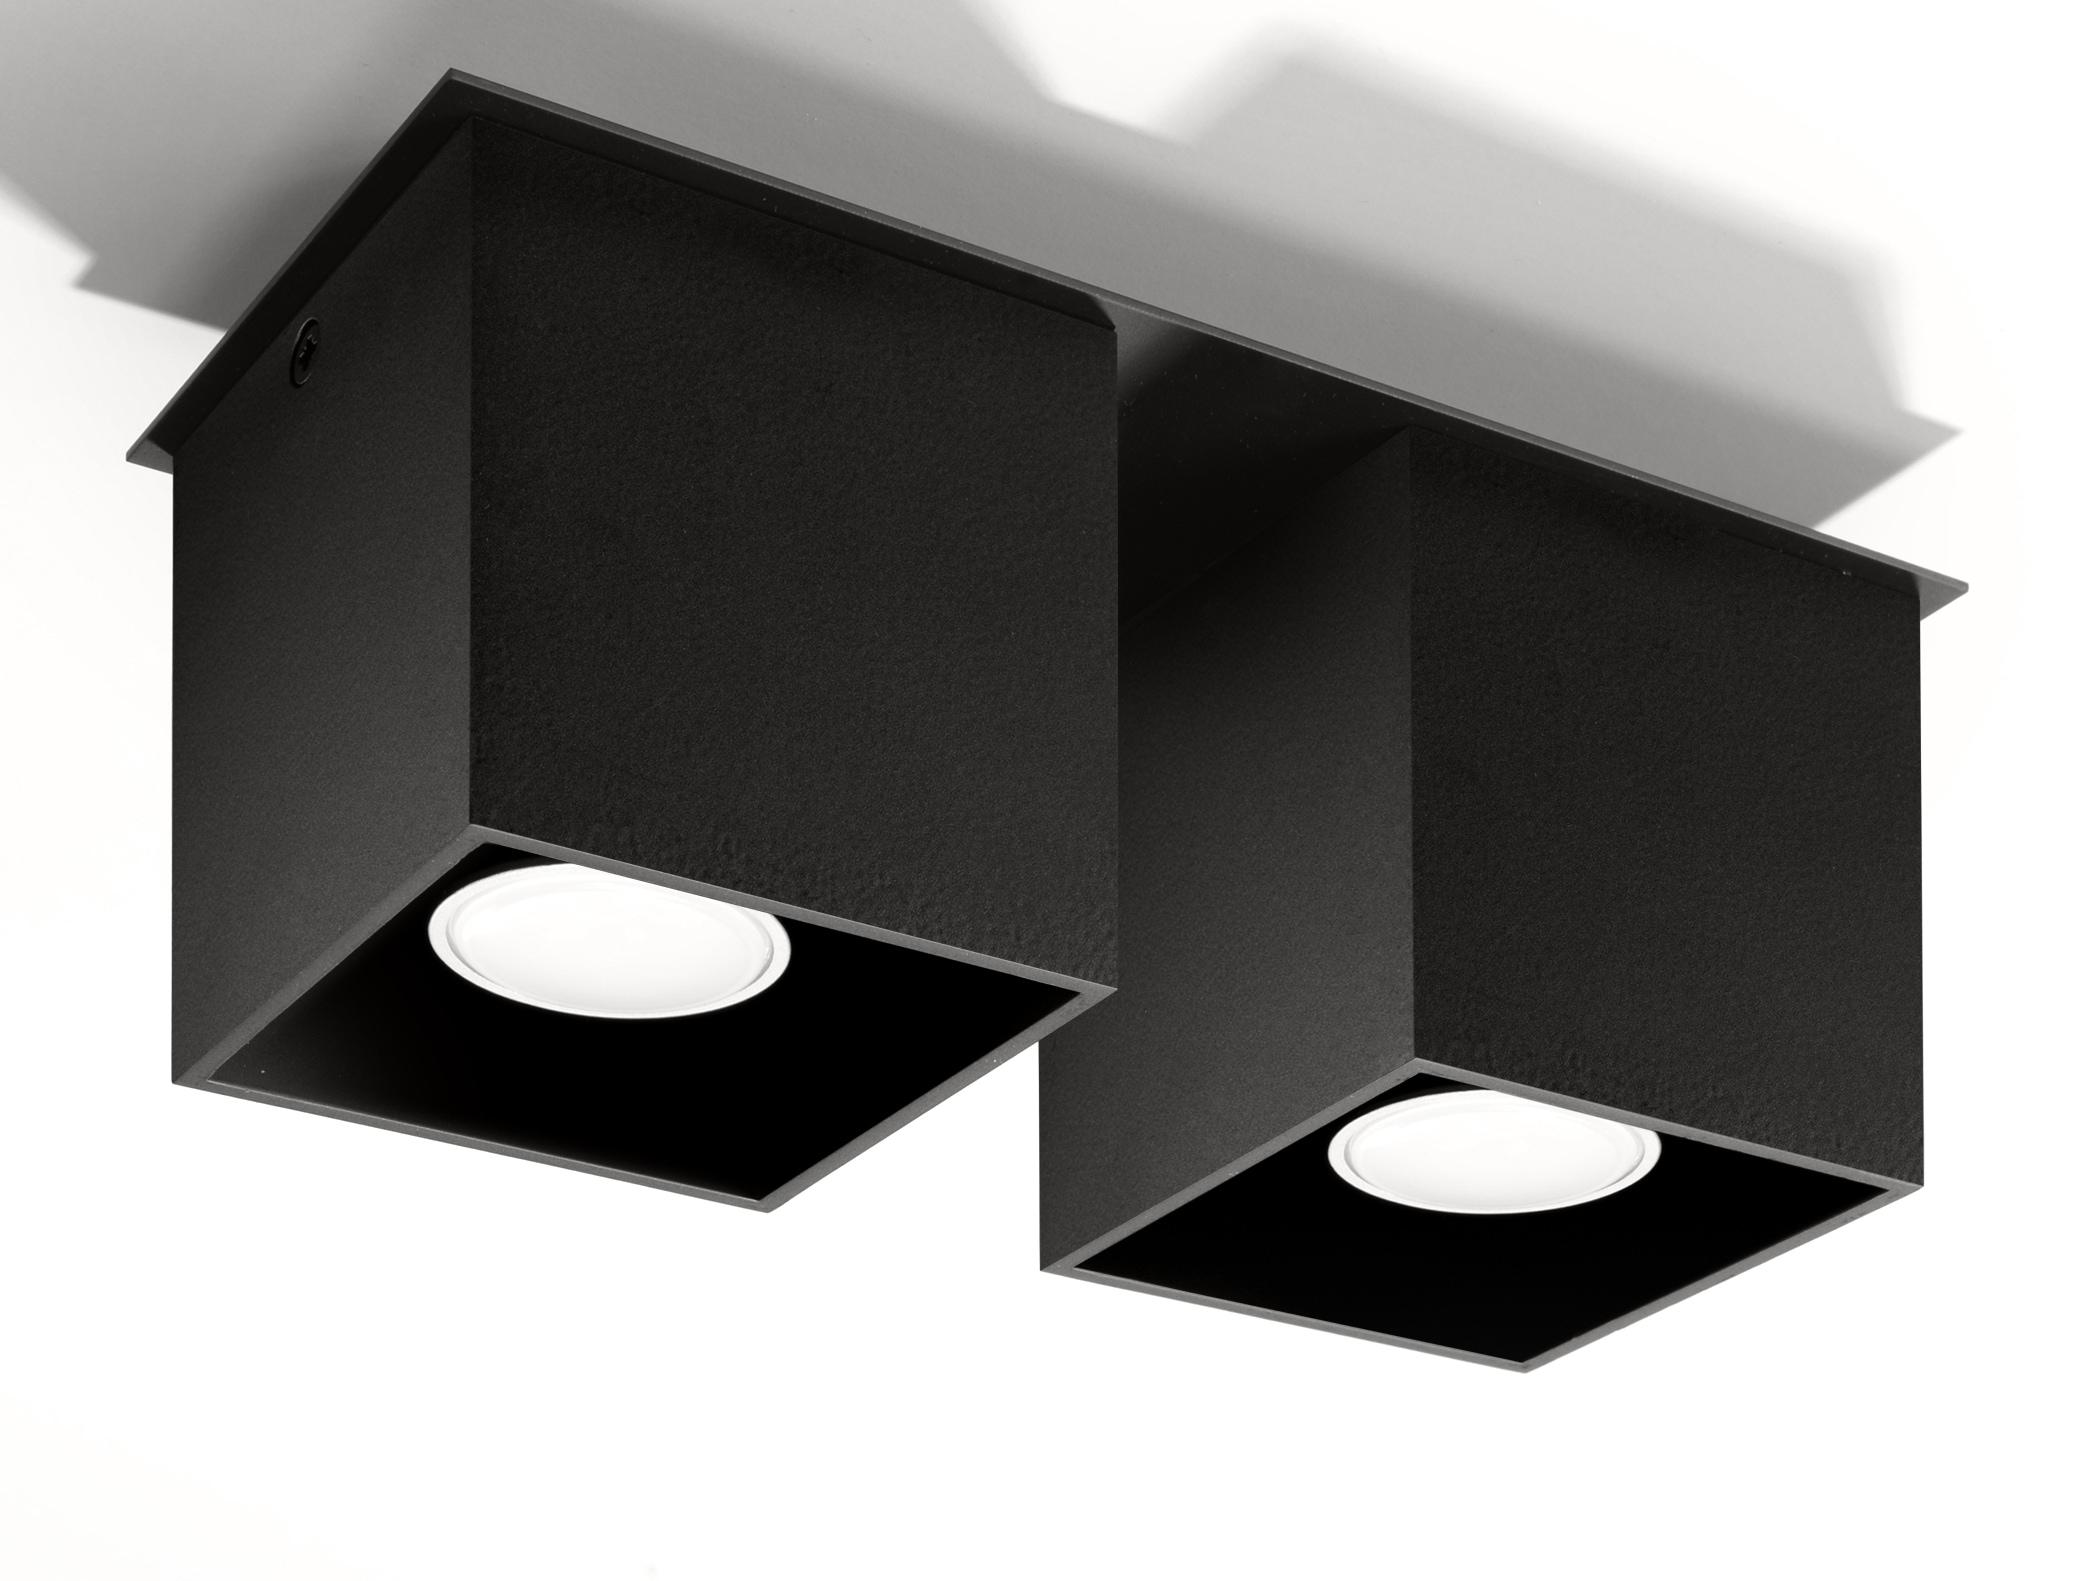 SOLLUX lighting Deckenleuchte QUAD, GU10, 1 St., Deckenlampe